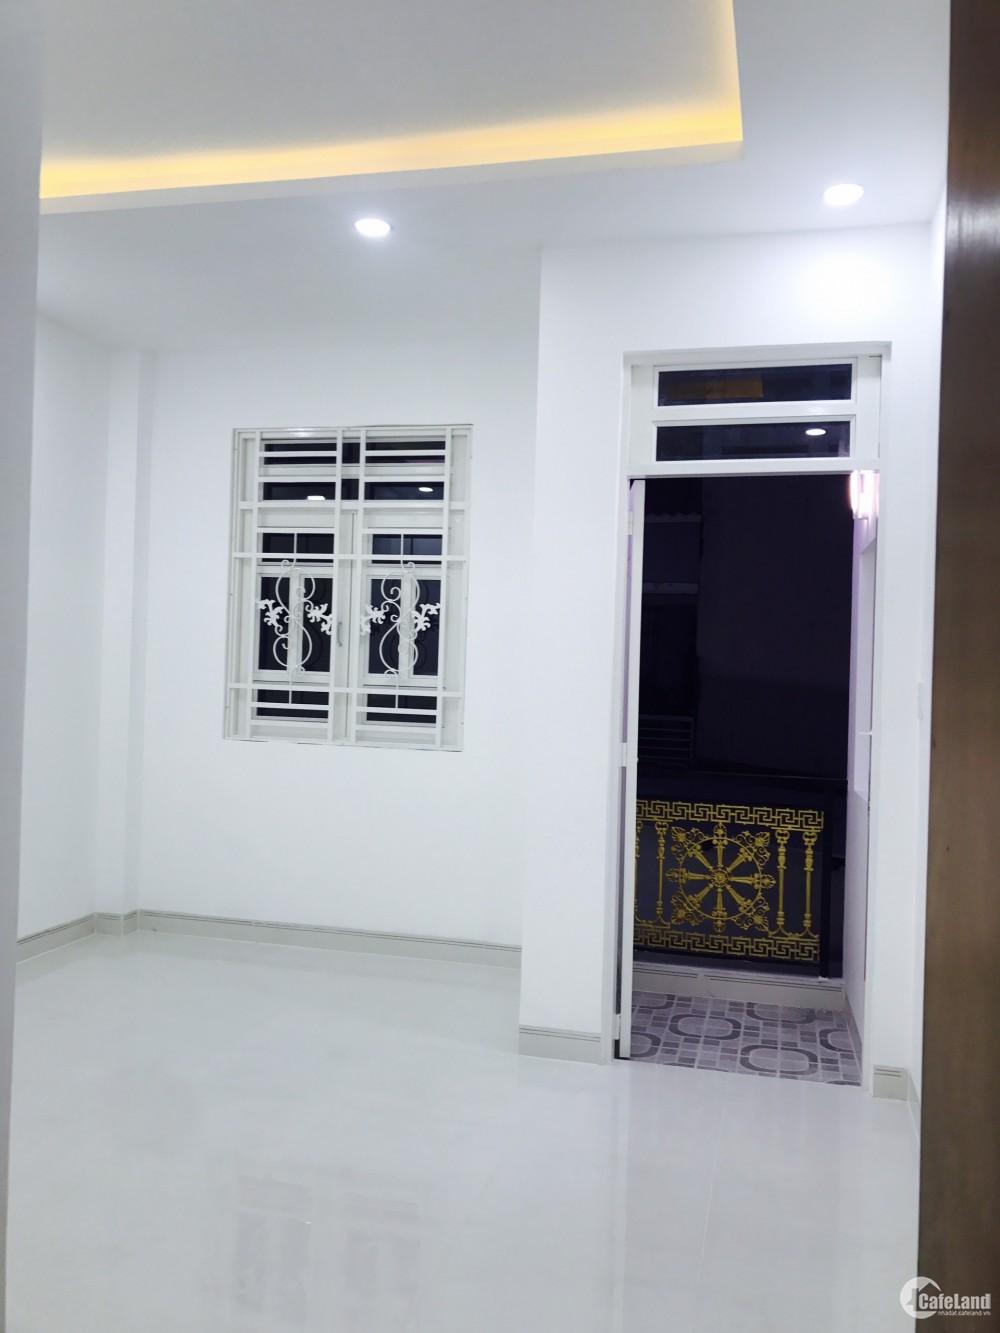 Bán nhà mới 2 lầu (nở hậu) hẻm 861 Trần Xuân Soạn phường Tân Hưng Quận 7